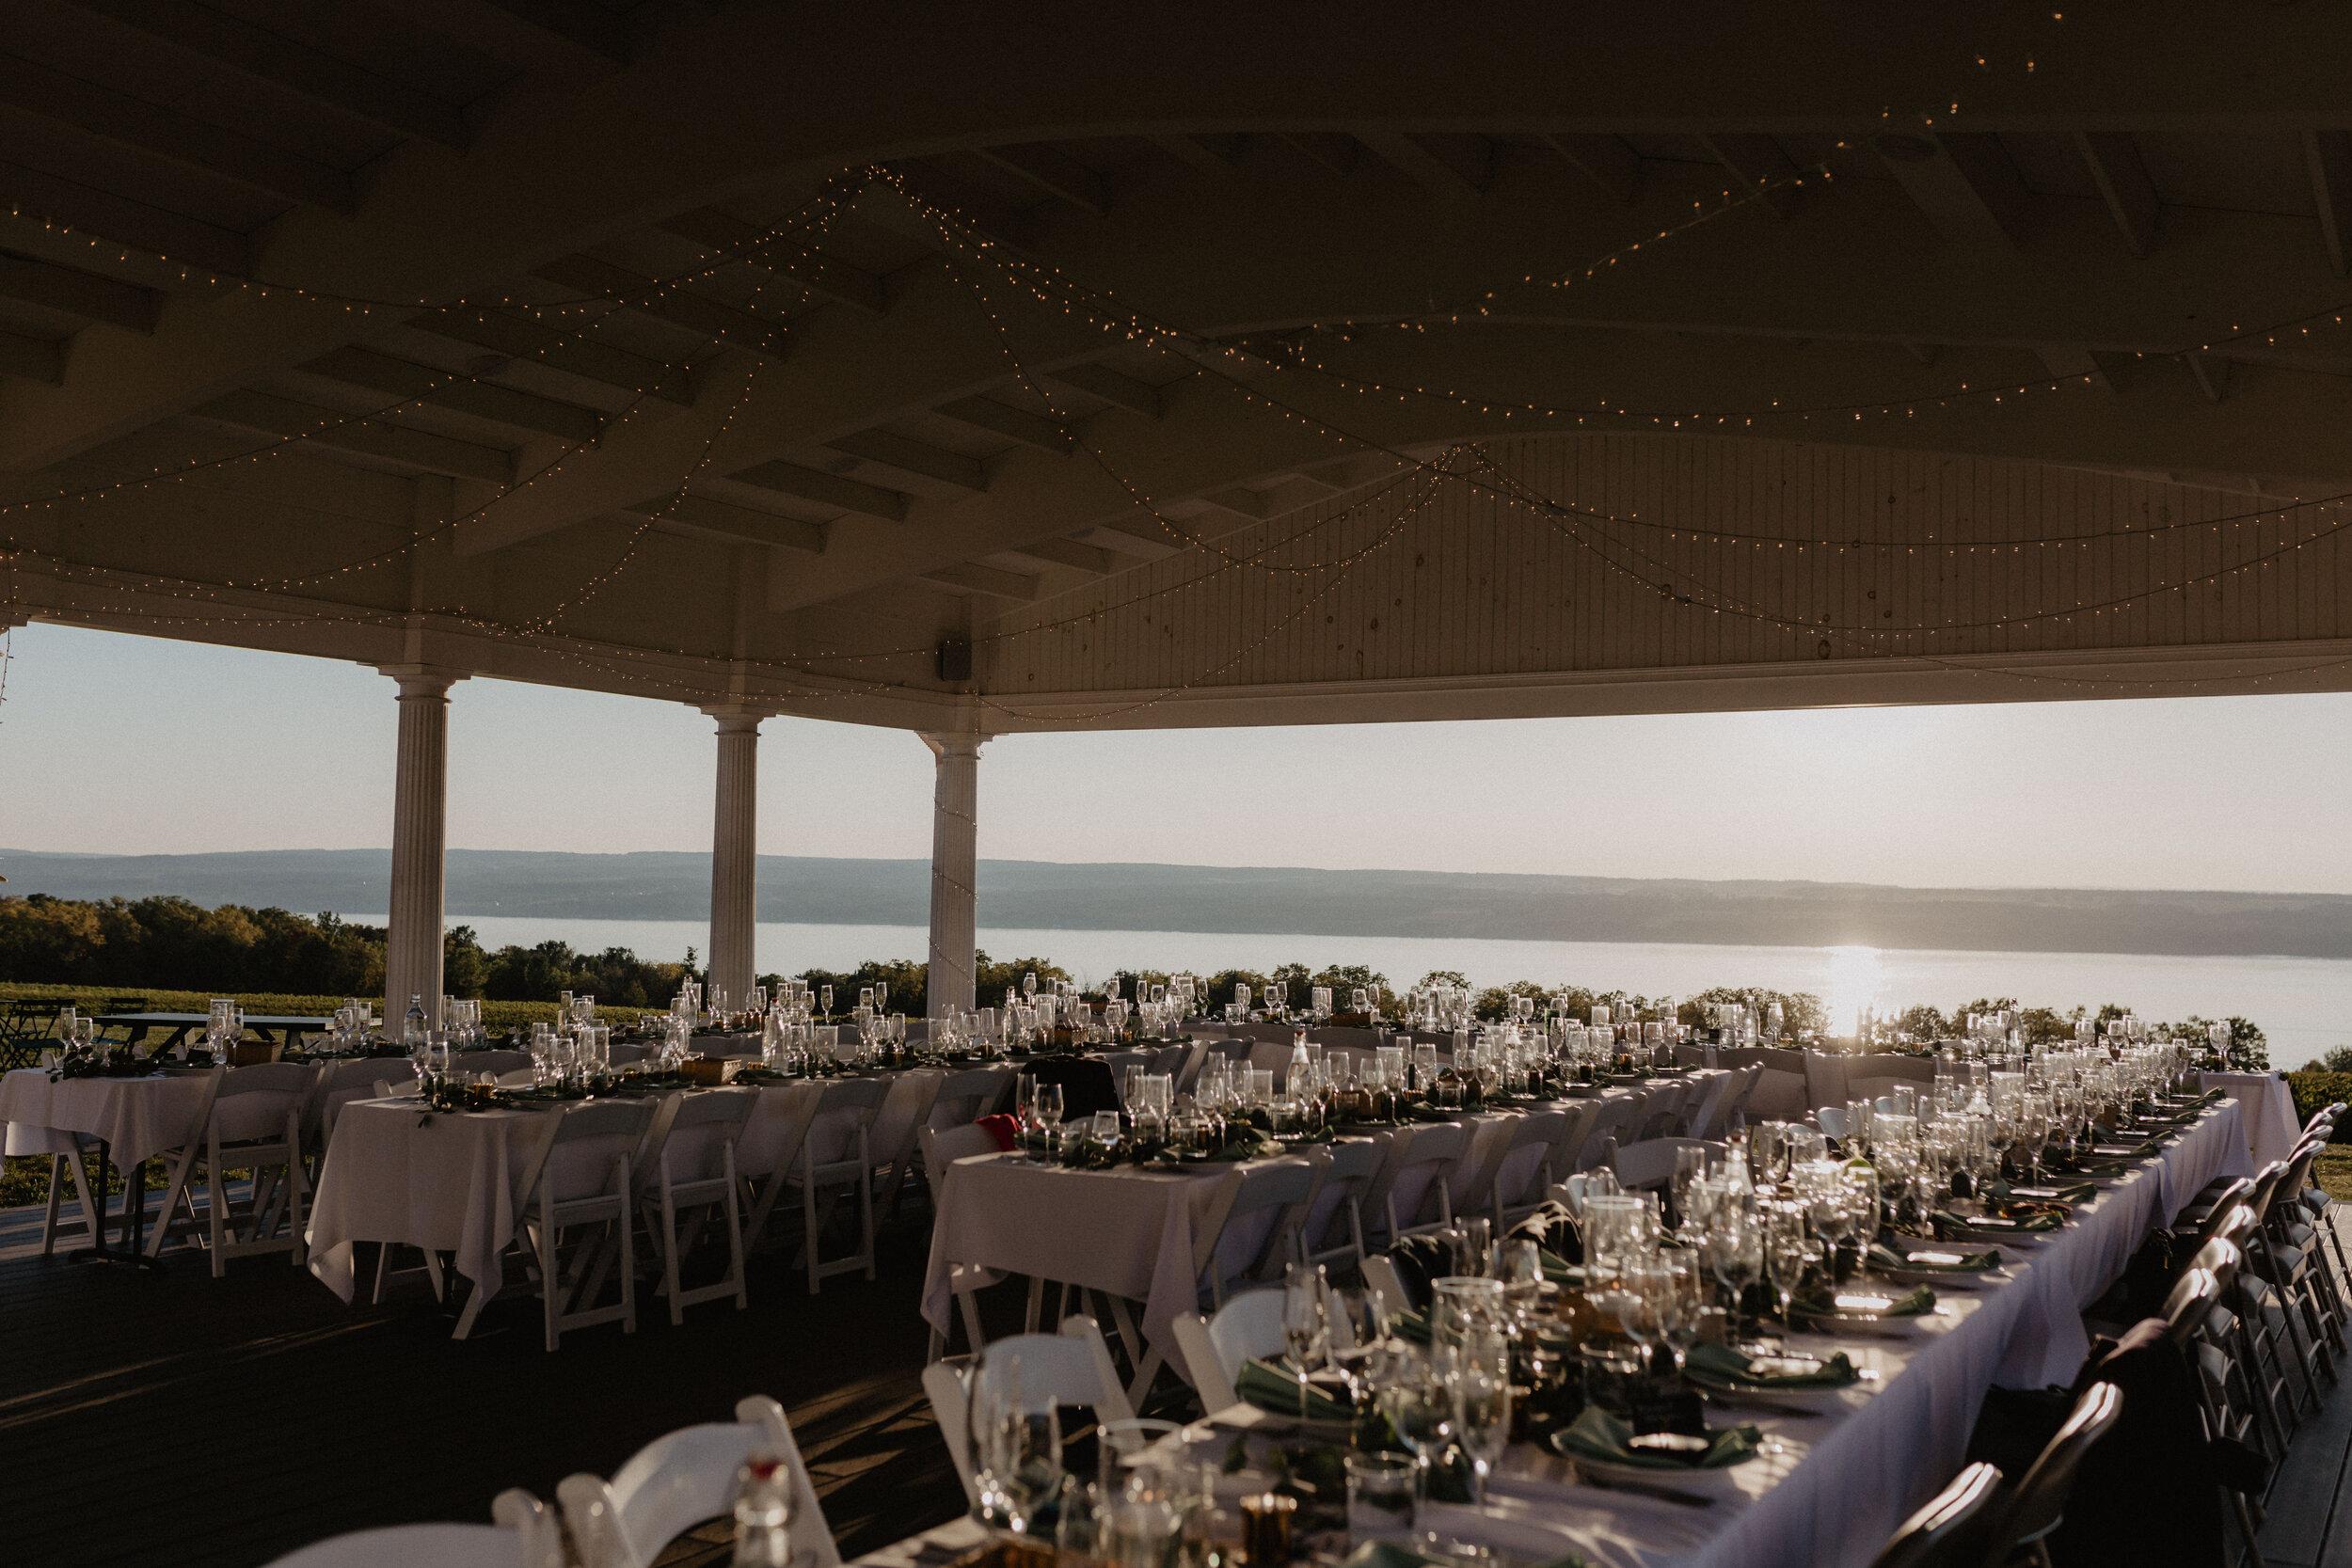 finger-lakes-wedding-044.jpg